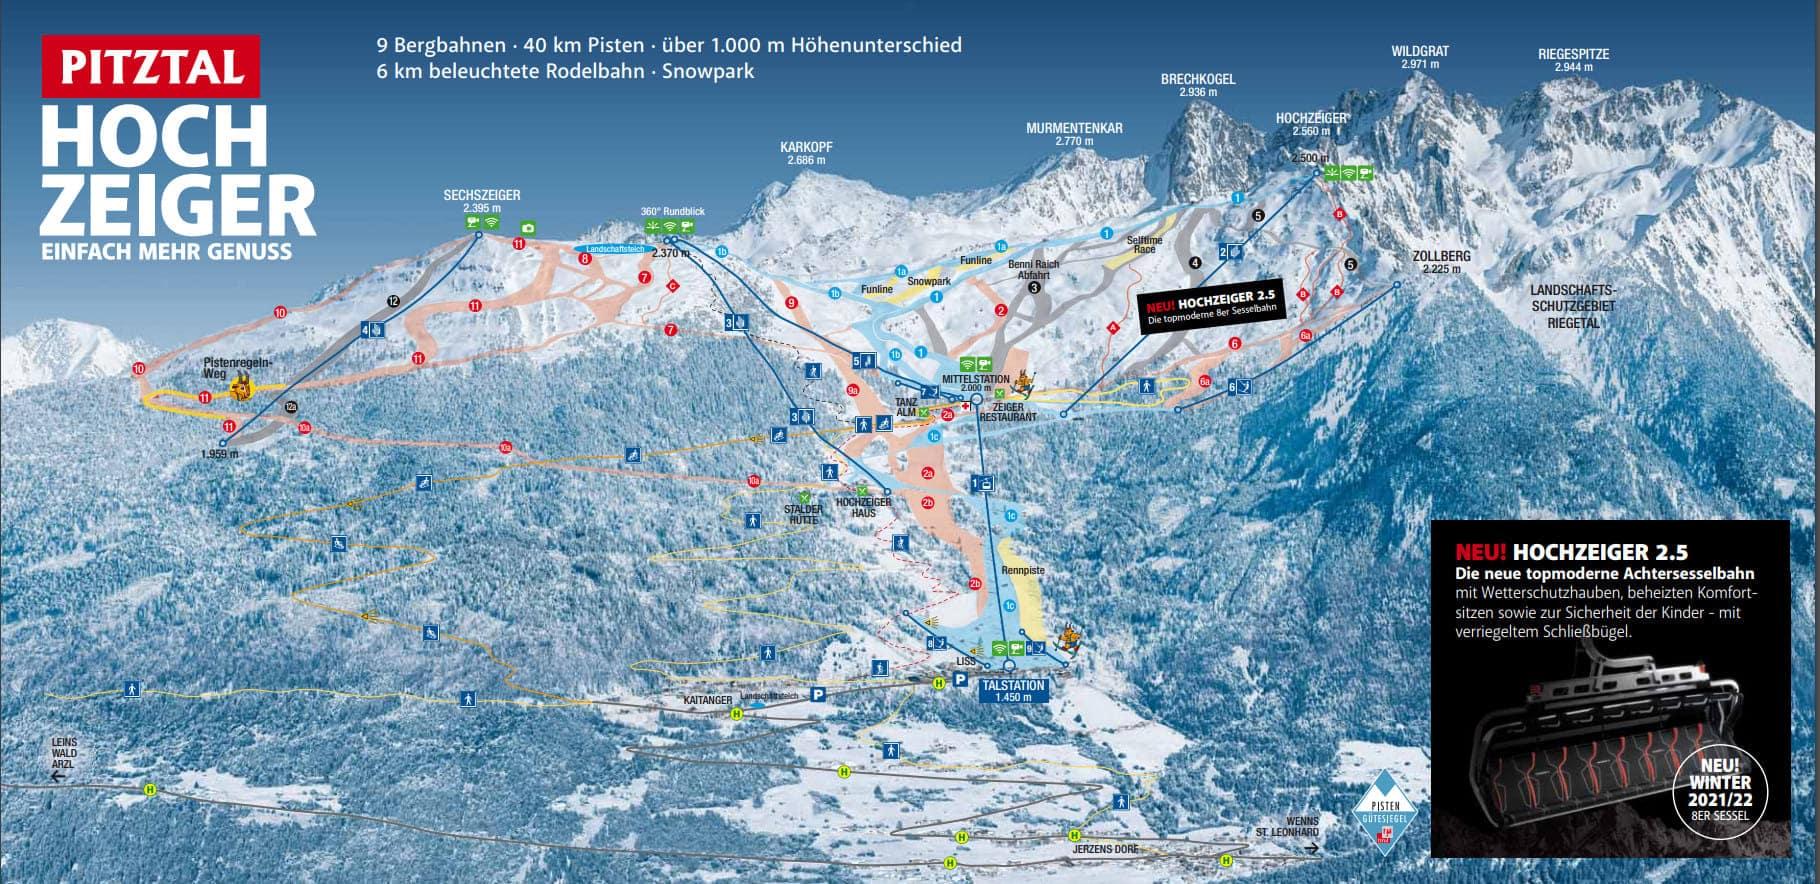 Skigebiet Hochzeiger Pistenplan